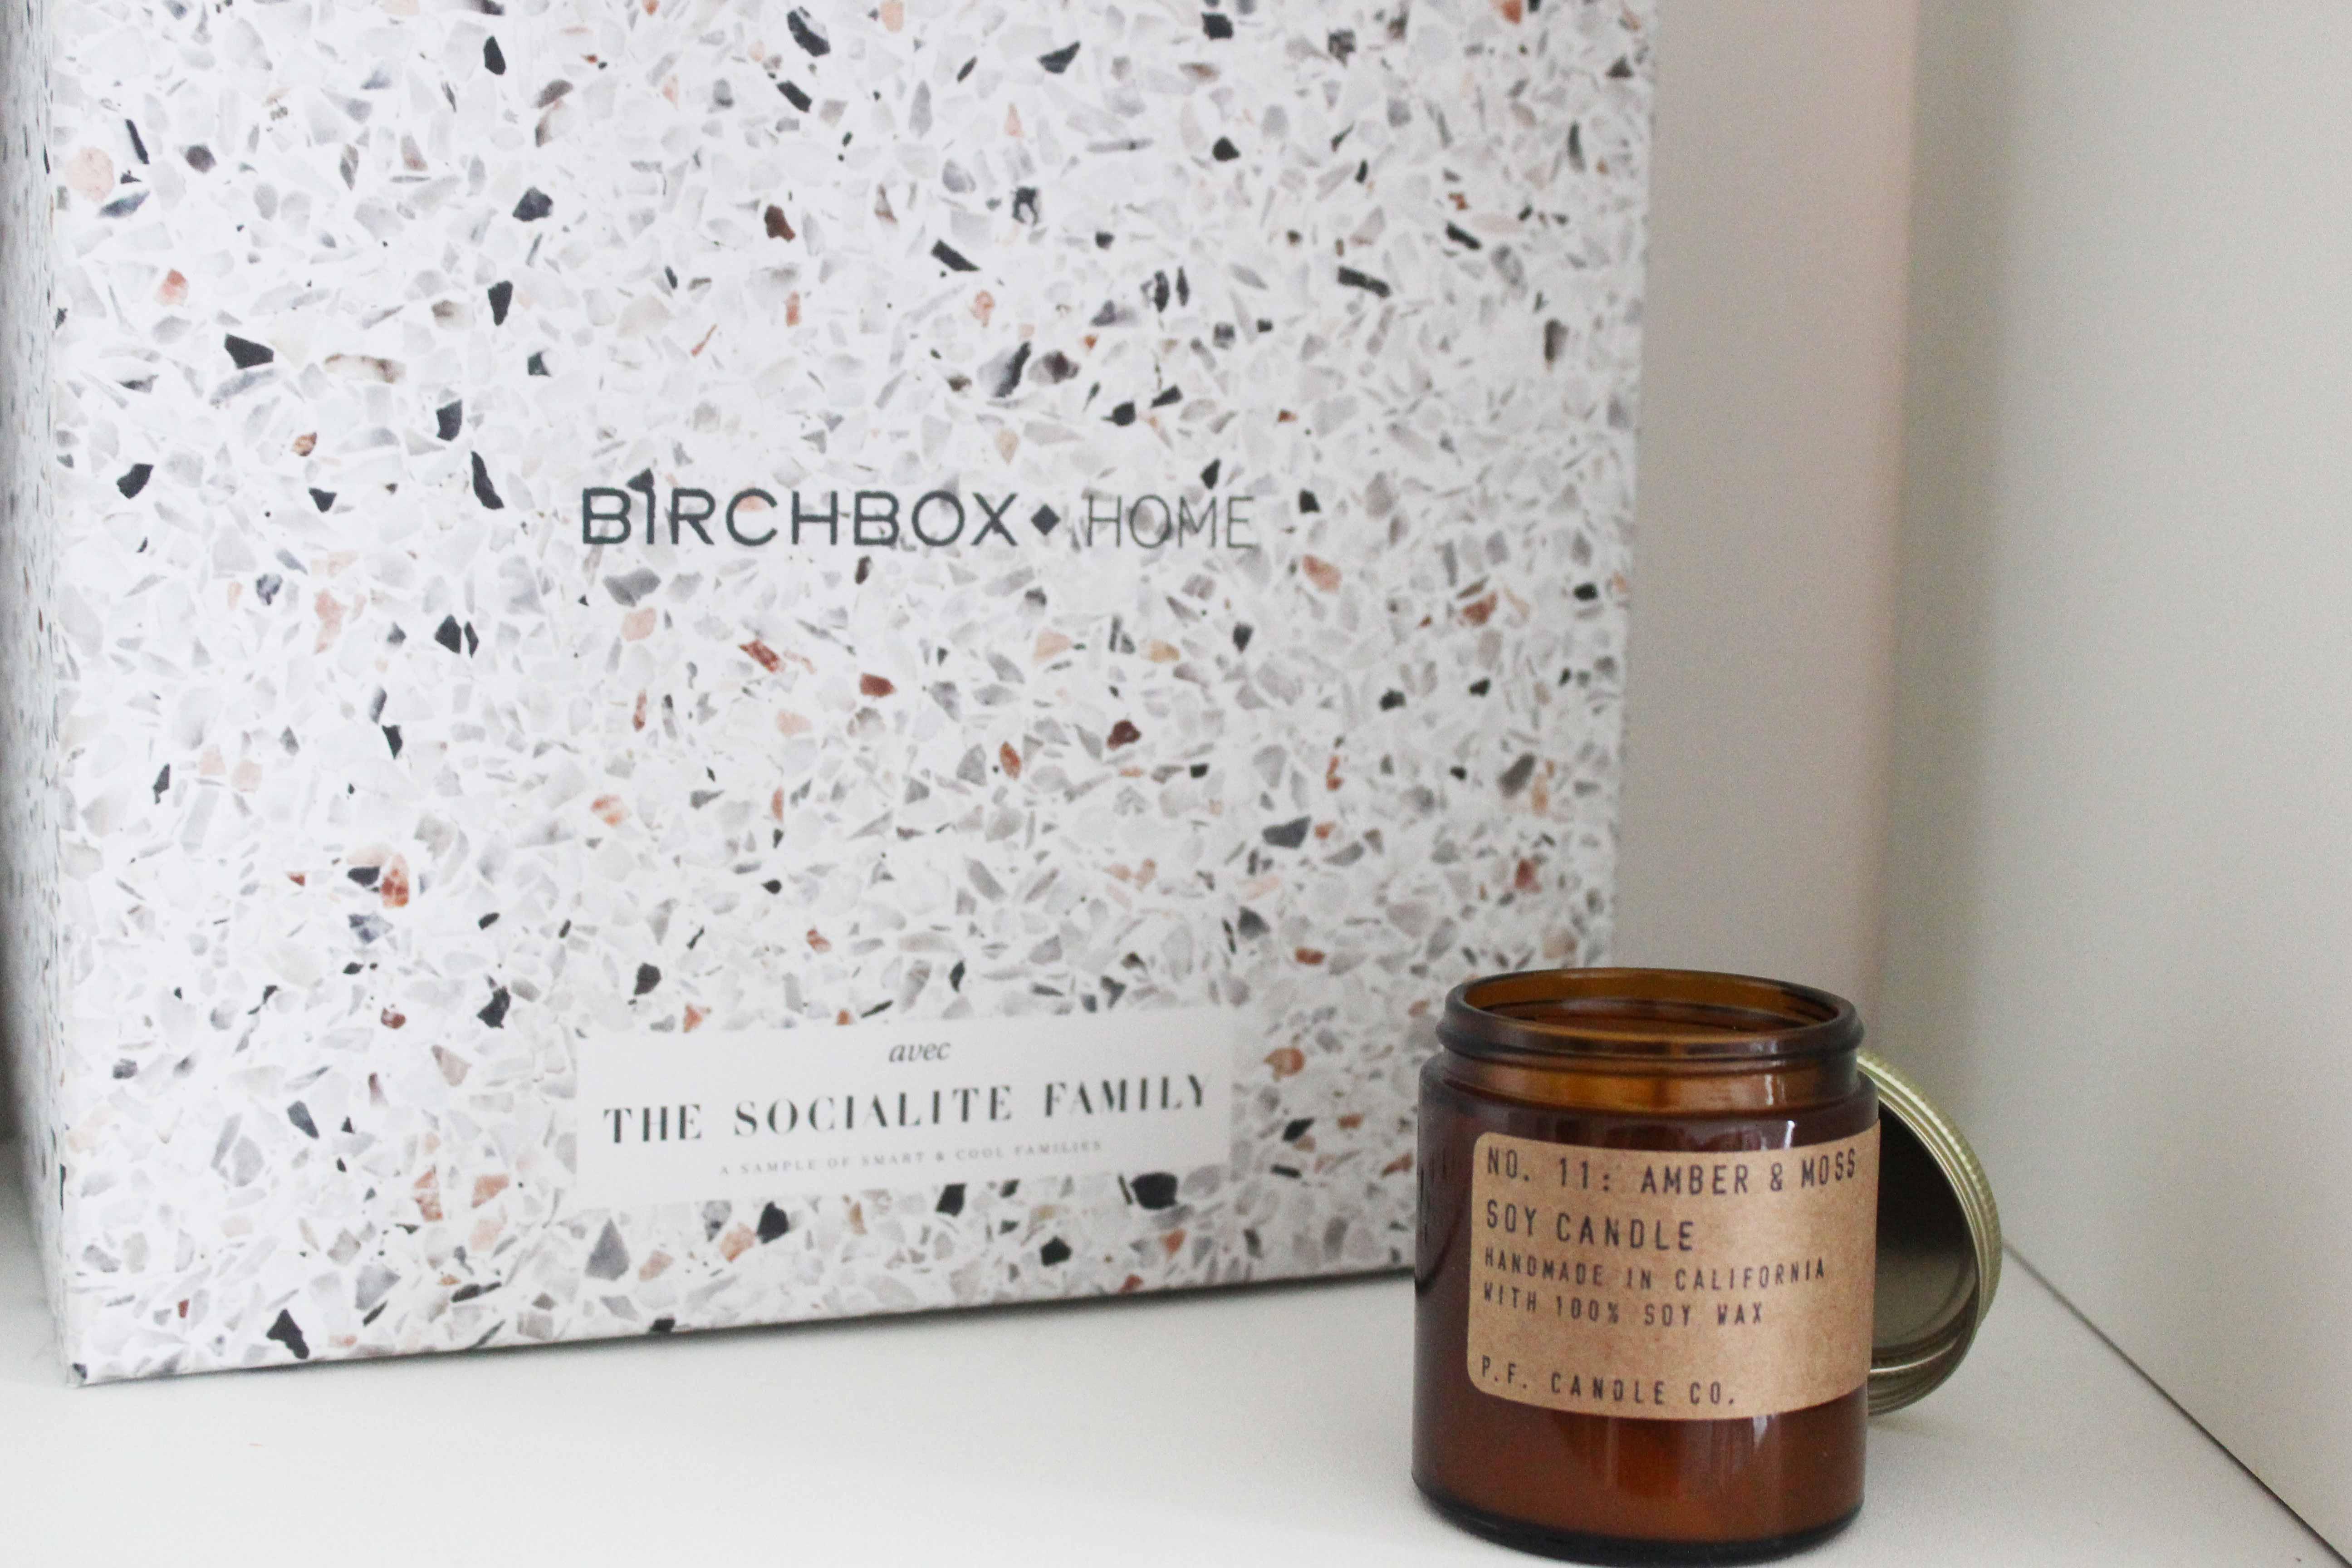 Birchbox home